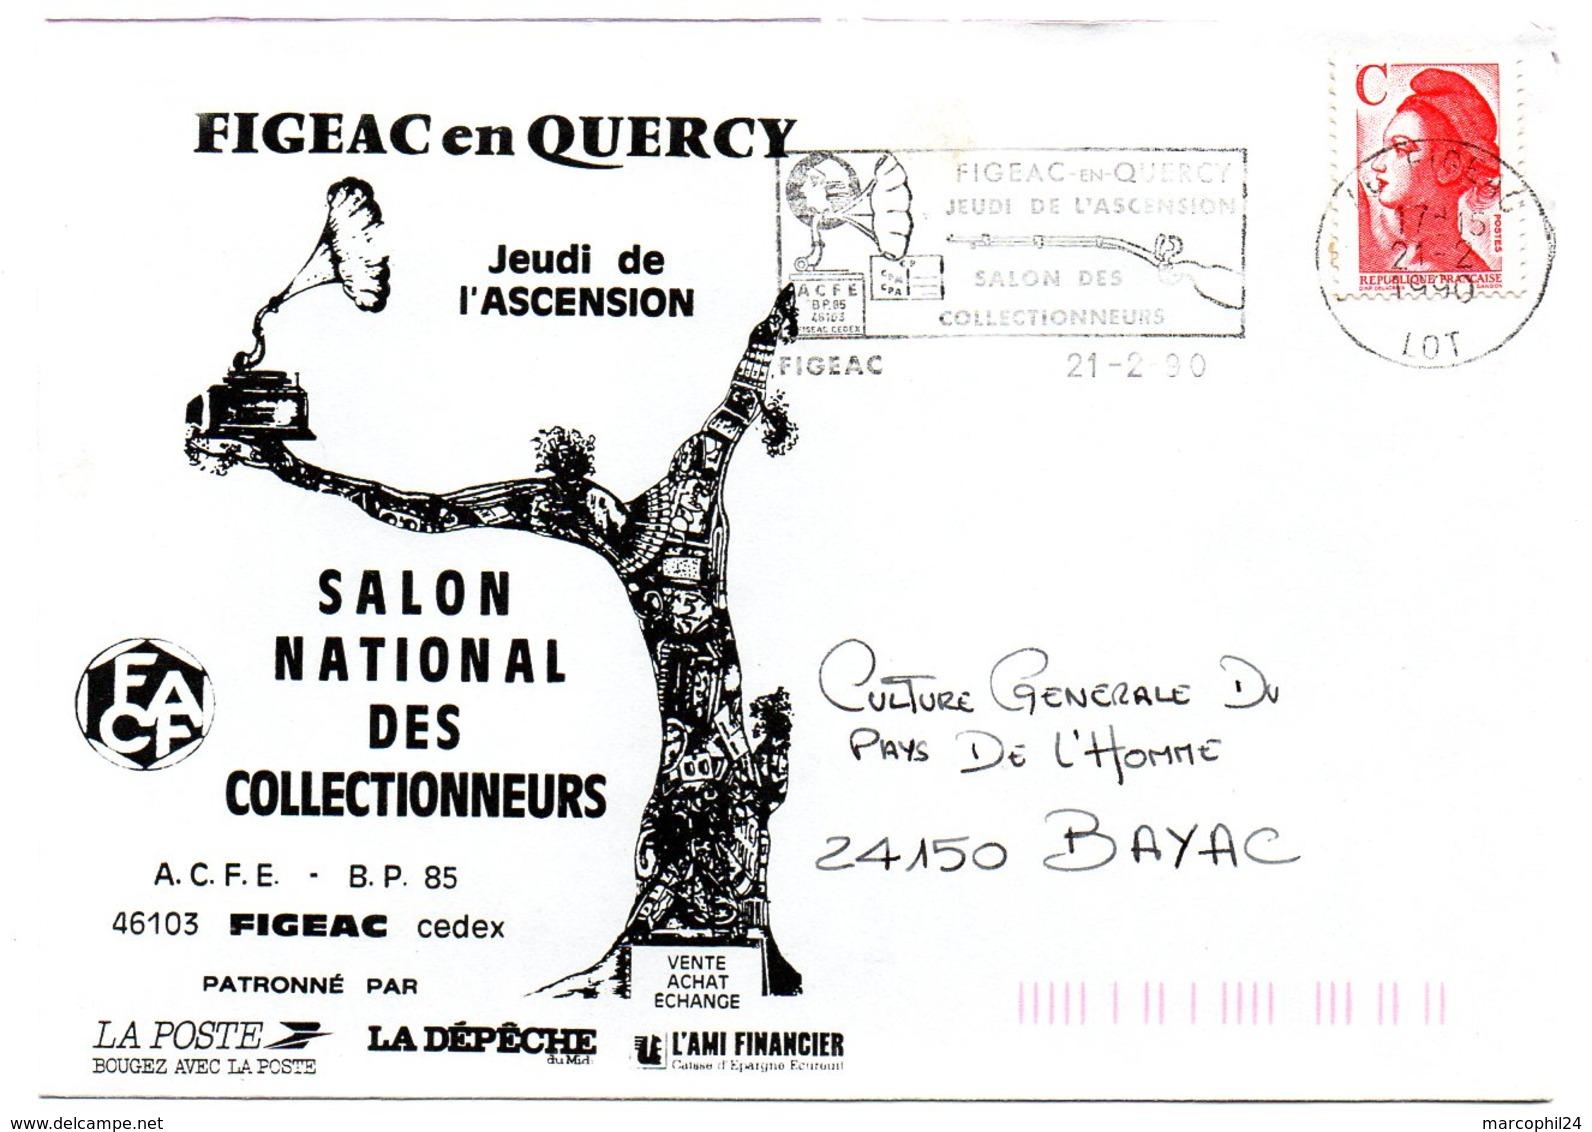 LOT - Dépt N° 46 = FIGEAC 1990 = FLAMME Type II = SECAP  Illustrée '  Jeudi De L'Ascension, Salon Des Collectionneurs  ' - Marcophilie (Lettres)